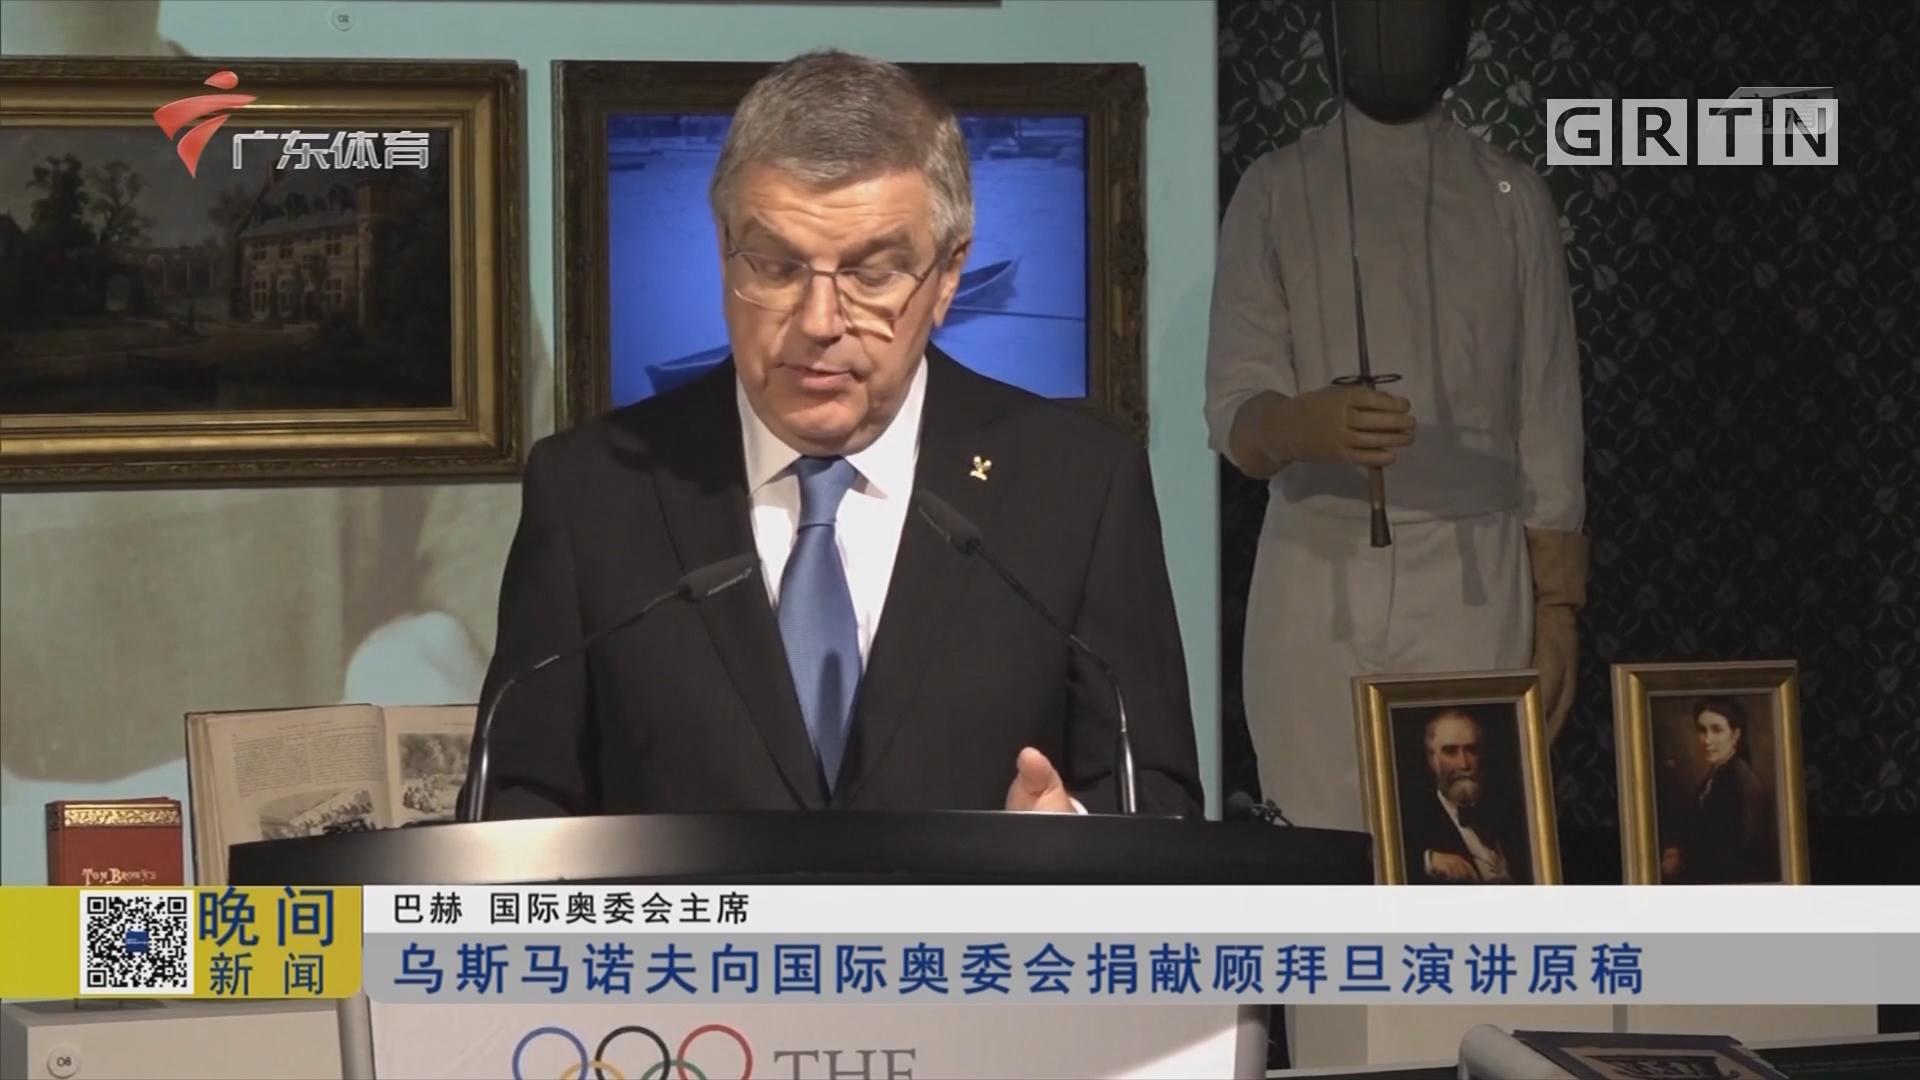 乌斯马诺夫向国际奥委会捐献顾拜旦演讲原稿